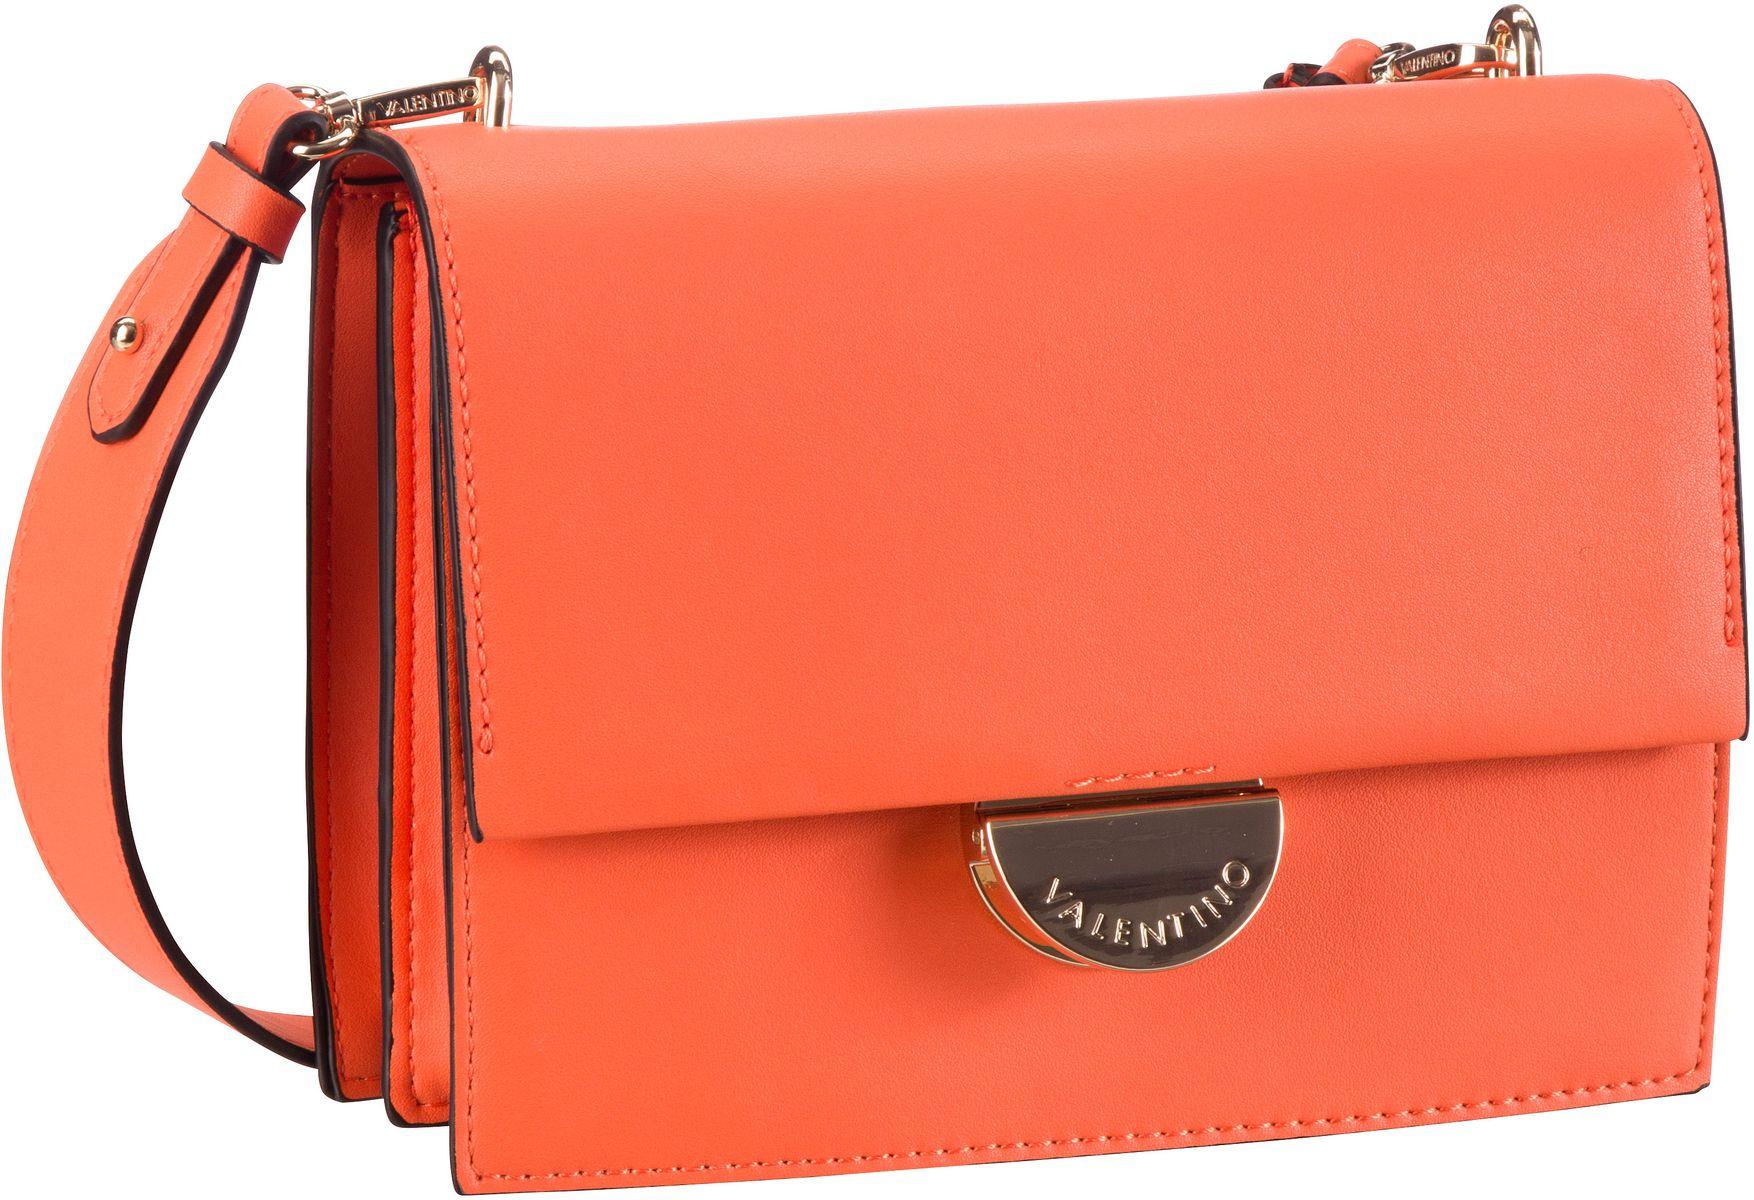 Bags Umhängetasche Falcor Pattina P03 Arancio